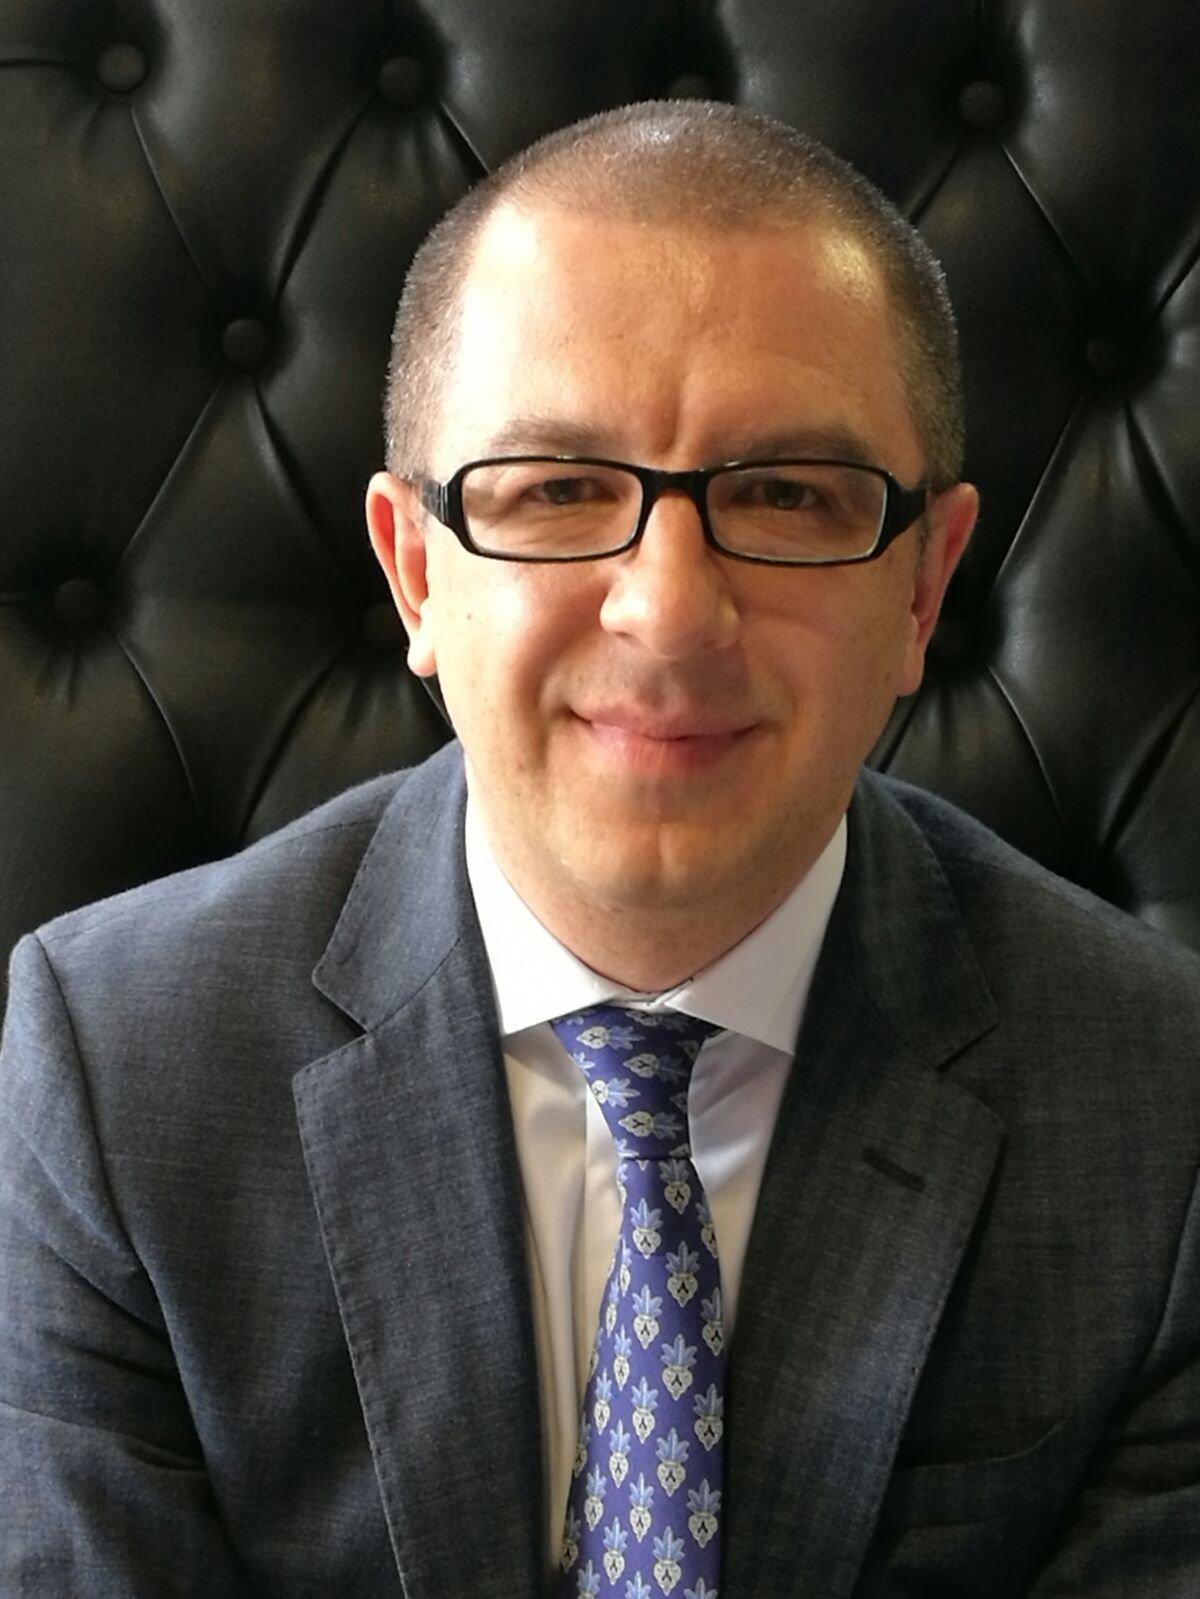 Ruslan Vadimovich Altaev, director de Desarrollo del cluster de Tecnologías Biológicas y Médicas de Skolkovo